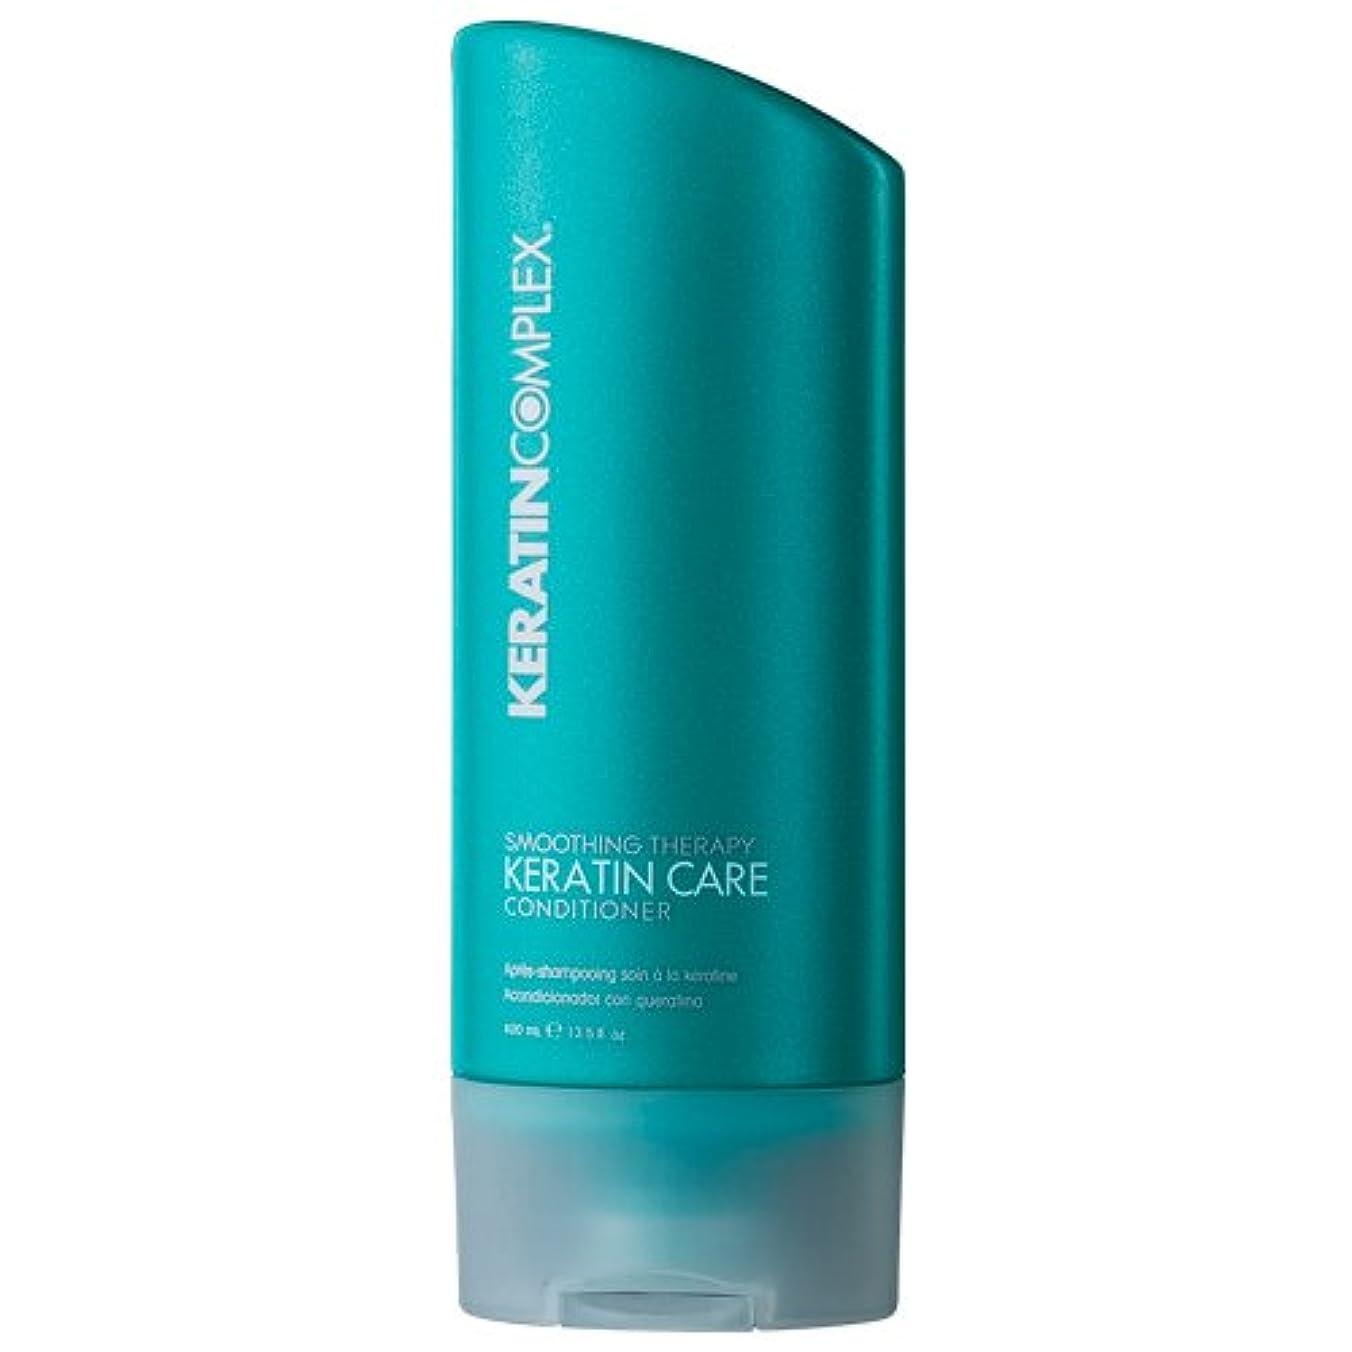 しおれた汗ハロウィンSmoothing Therapy Keratin Care Conditioner (For All Hair Types) - 400ml/13.5oz